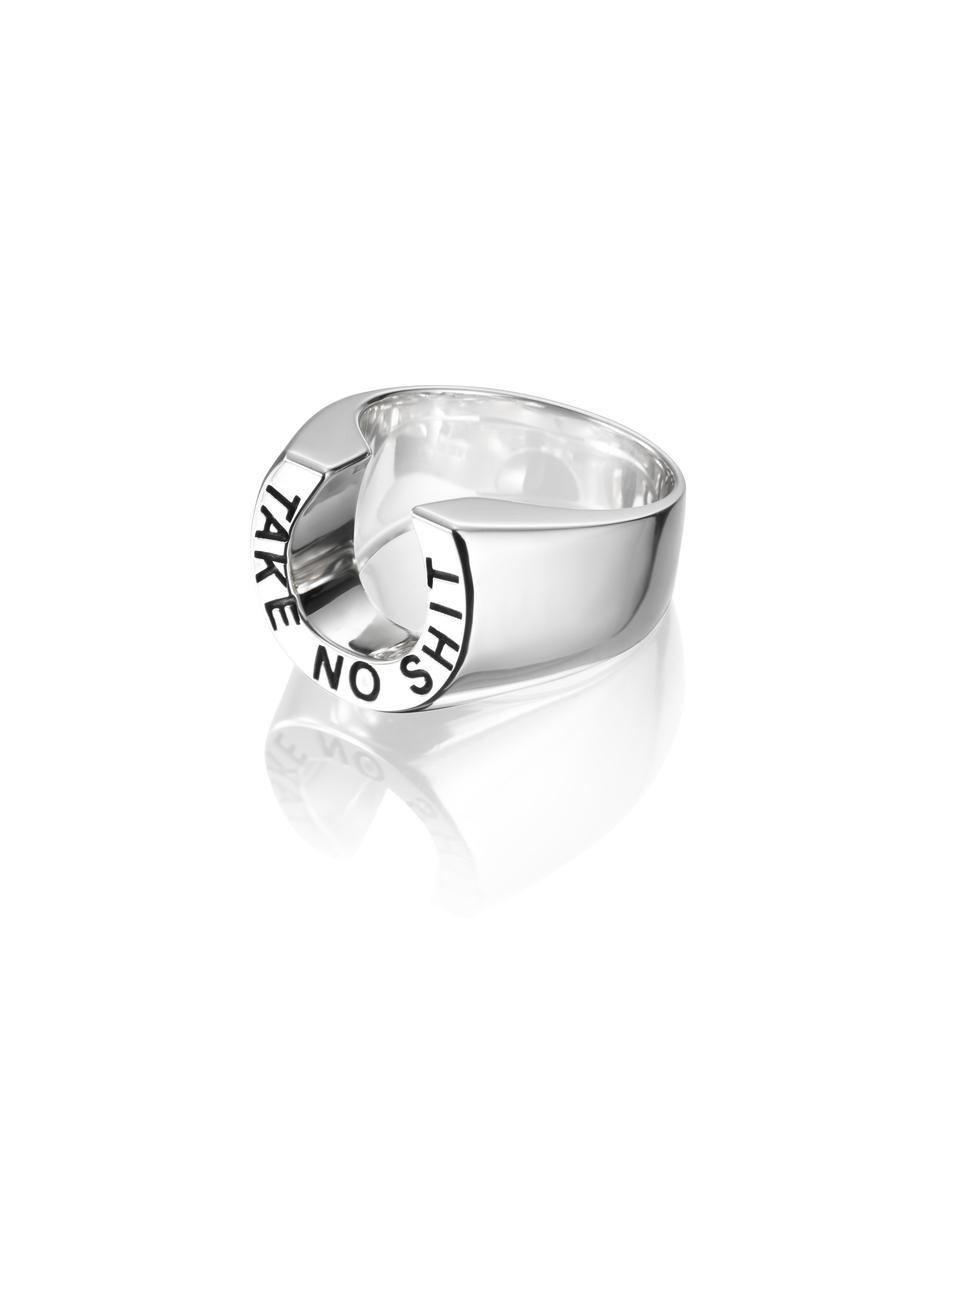 Take No Shit Ring 13-100-01391(2)